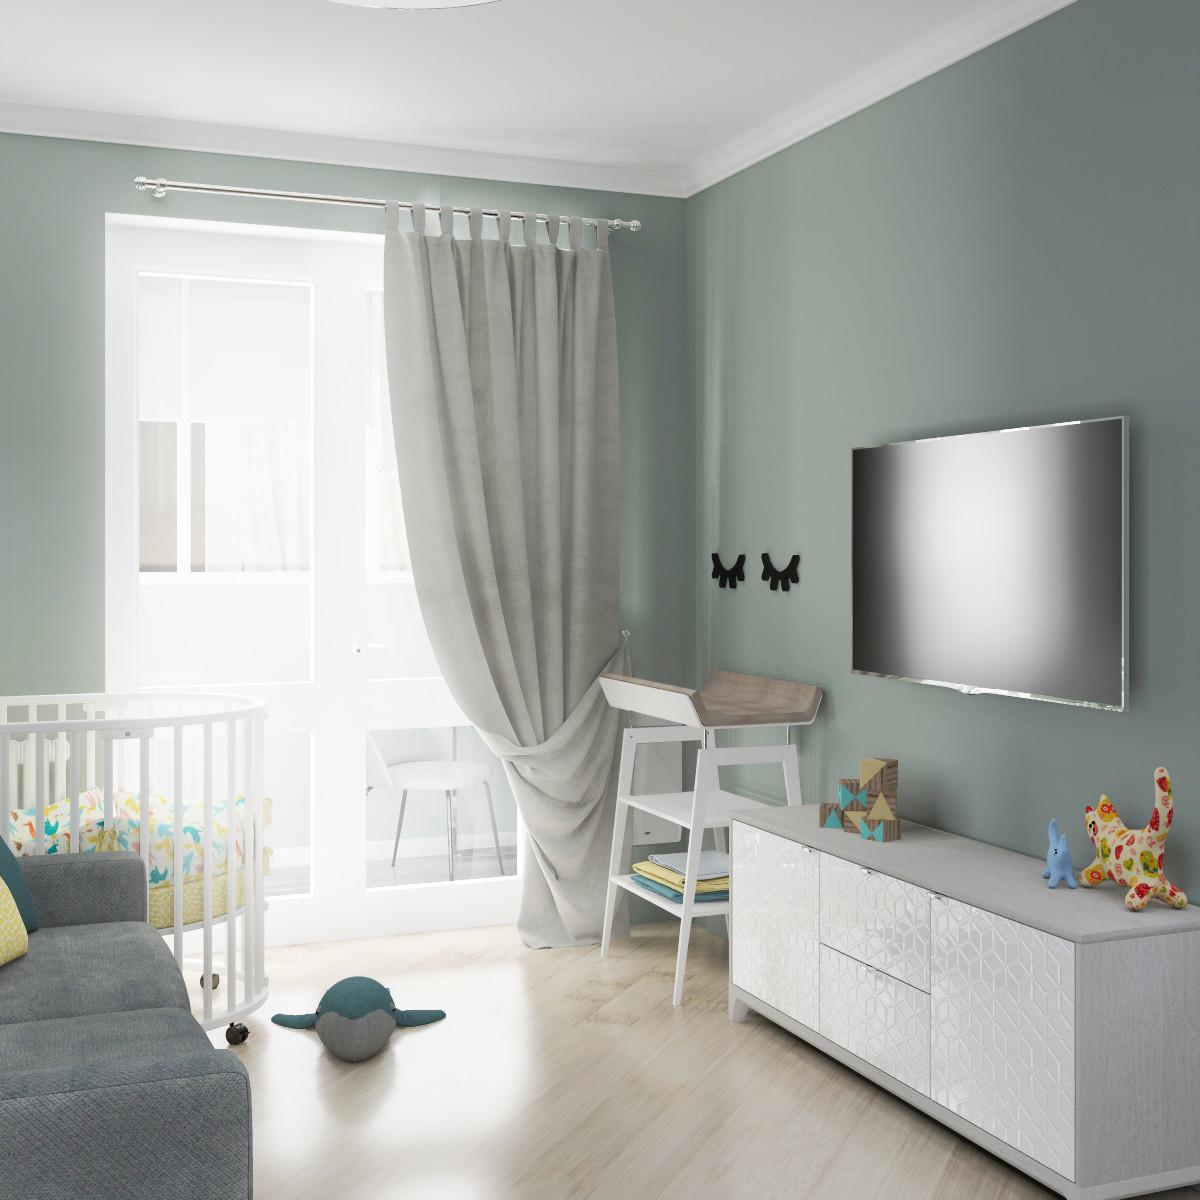 Проект квартиры во Владыкино